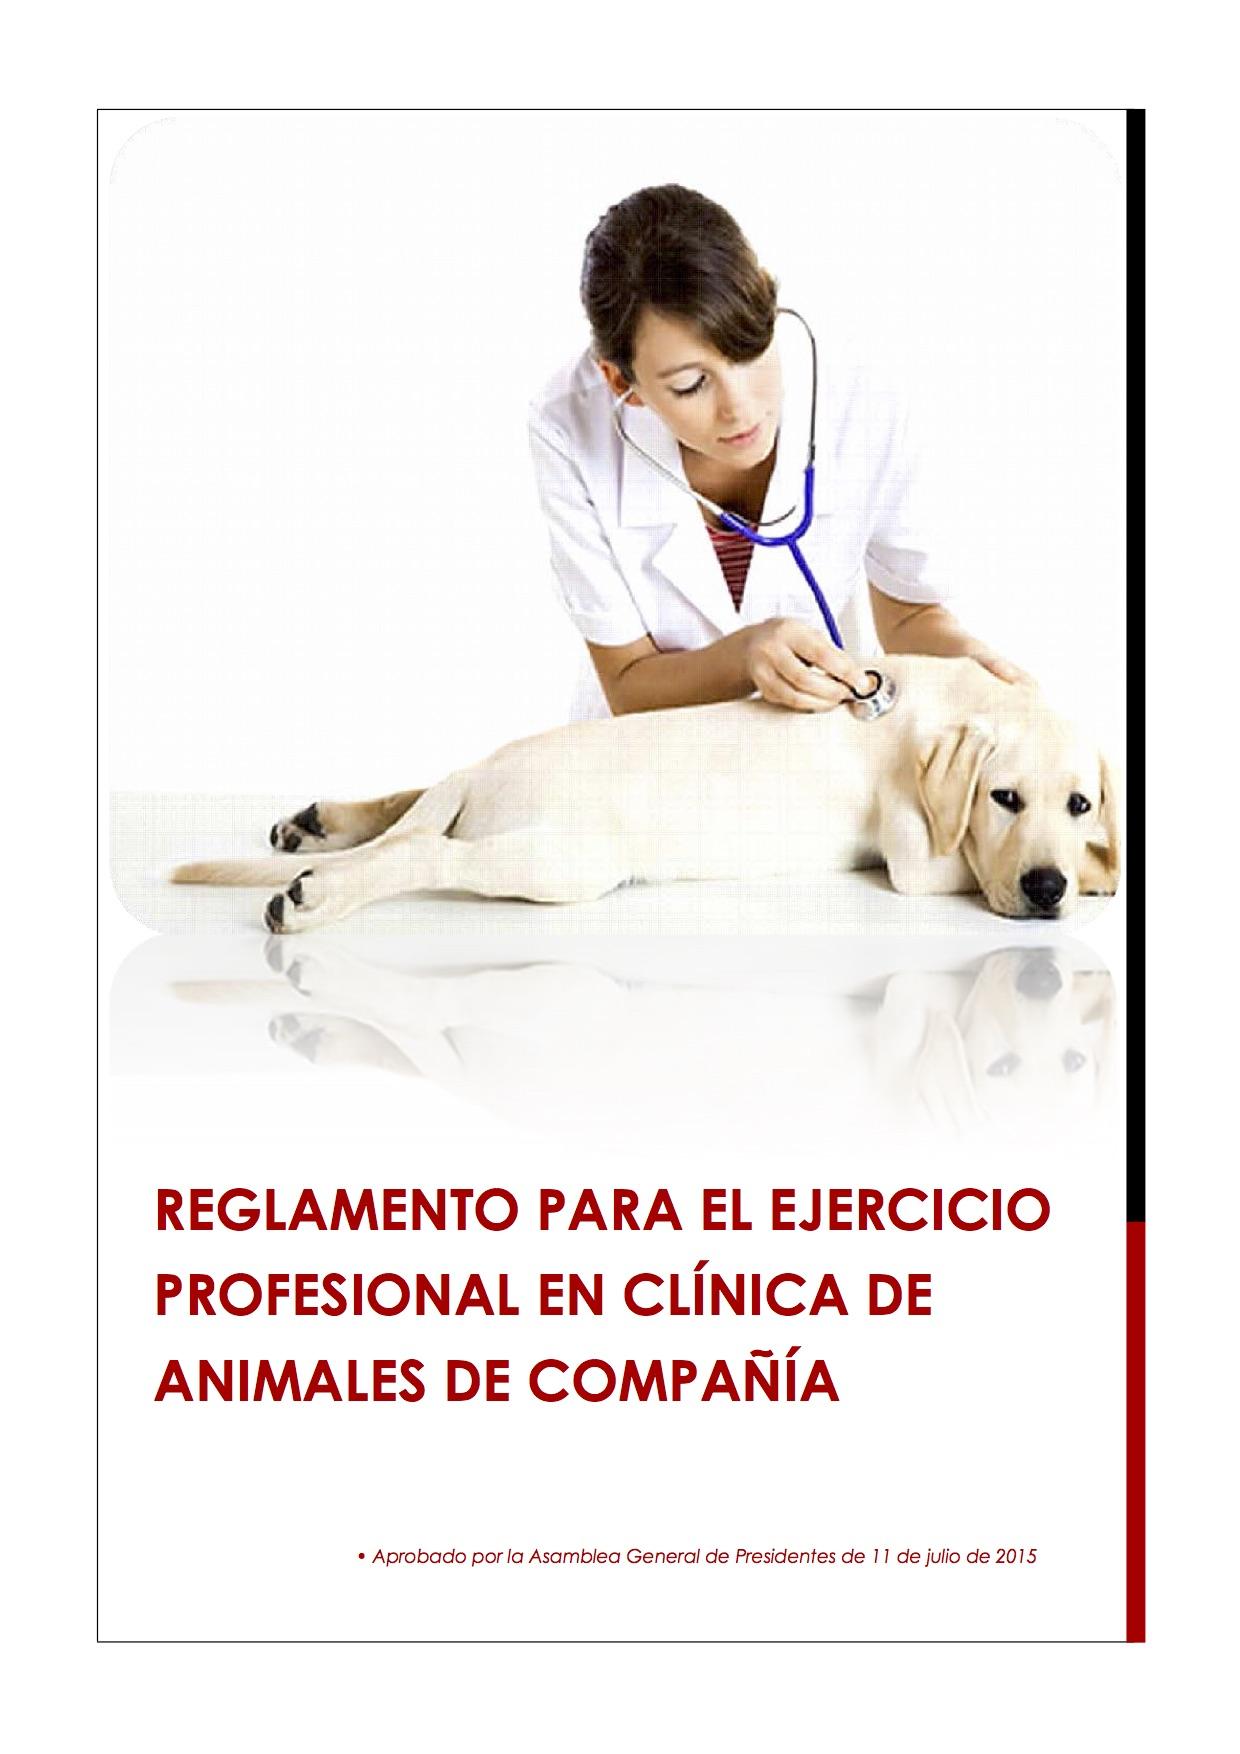 reglamento1_para_el_ejercicio_profesional_en_clinica_de_animales_de_compania